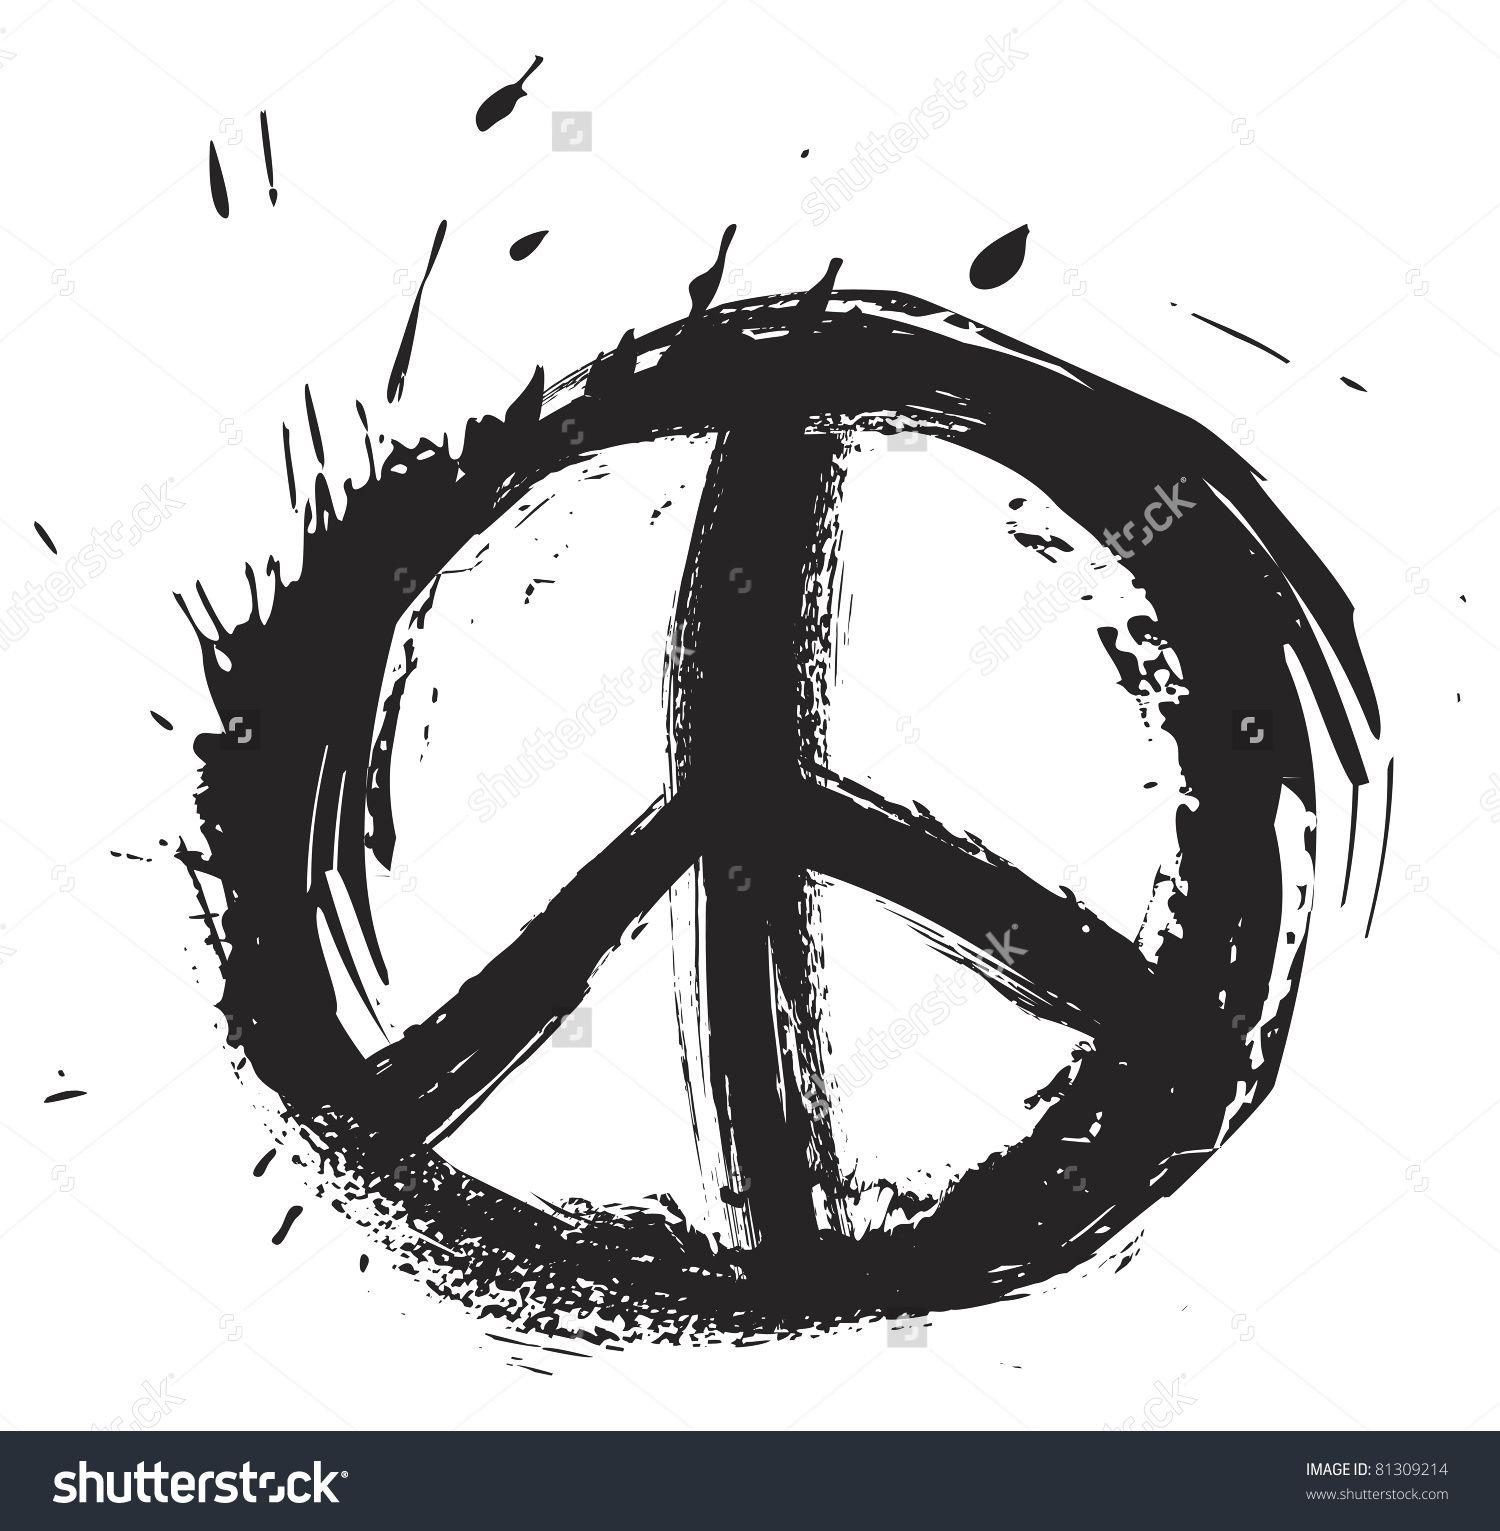 04436c9da Peace Stock Vectors & Vector Clip Art | Shutterstock Symbols, Signs,  Runes,